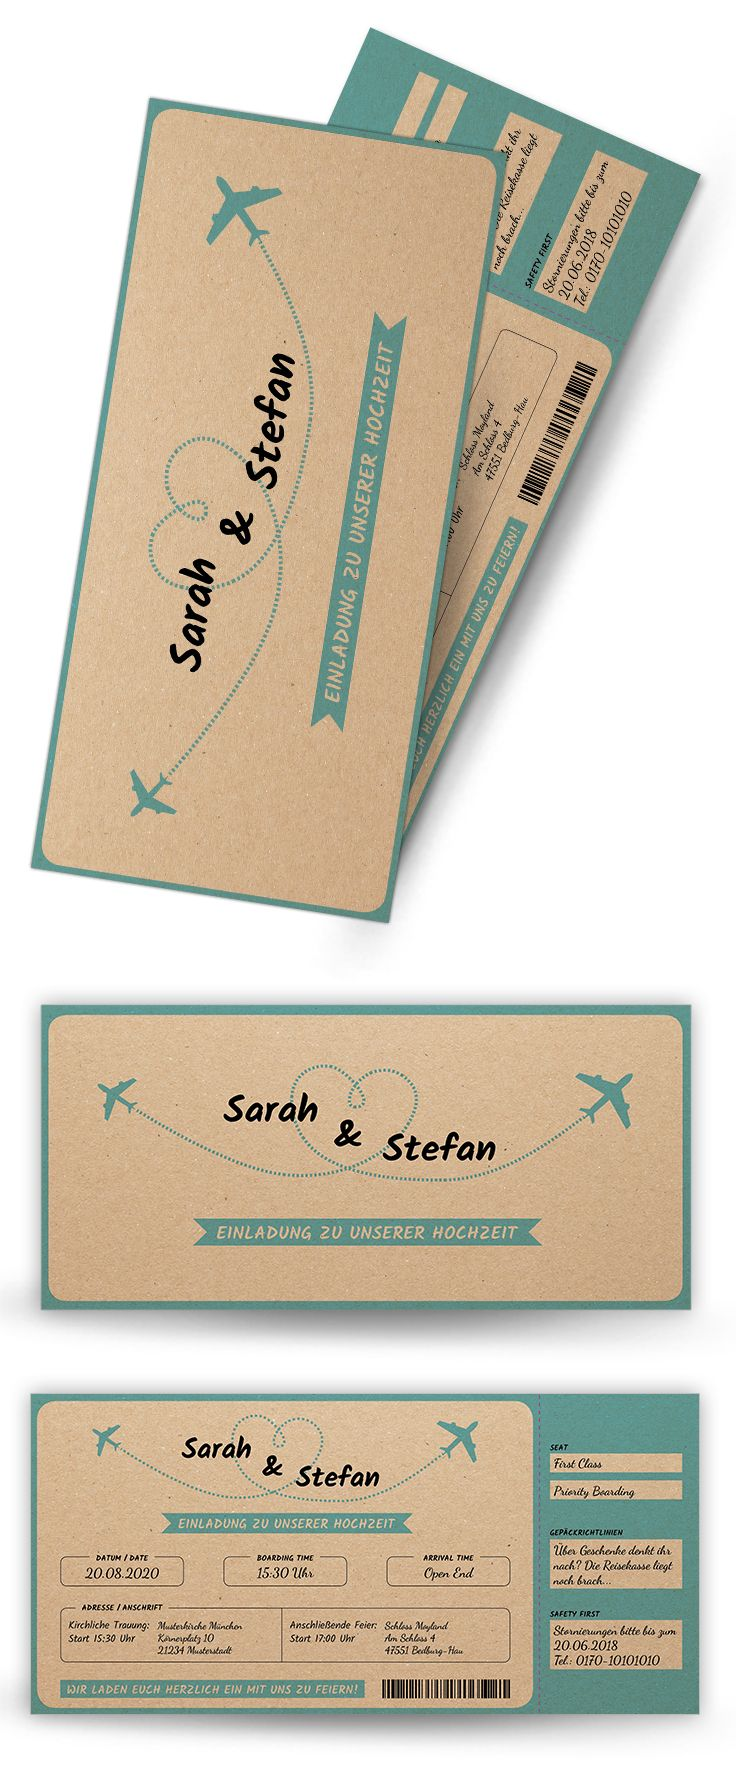 Esg hochzeitseinladung vintage flugticket auf kraftpapier eintrittskarte diese edle eintrittskarte im vintage style überzeugt mit ihrem einfach